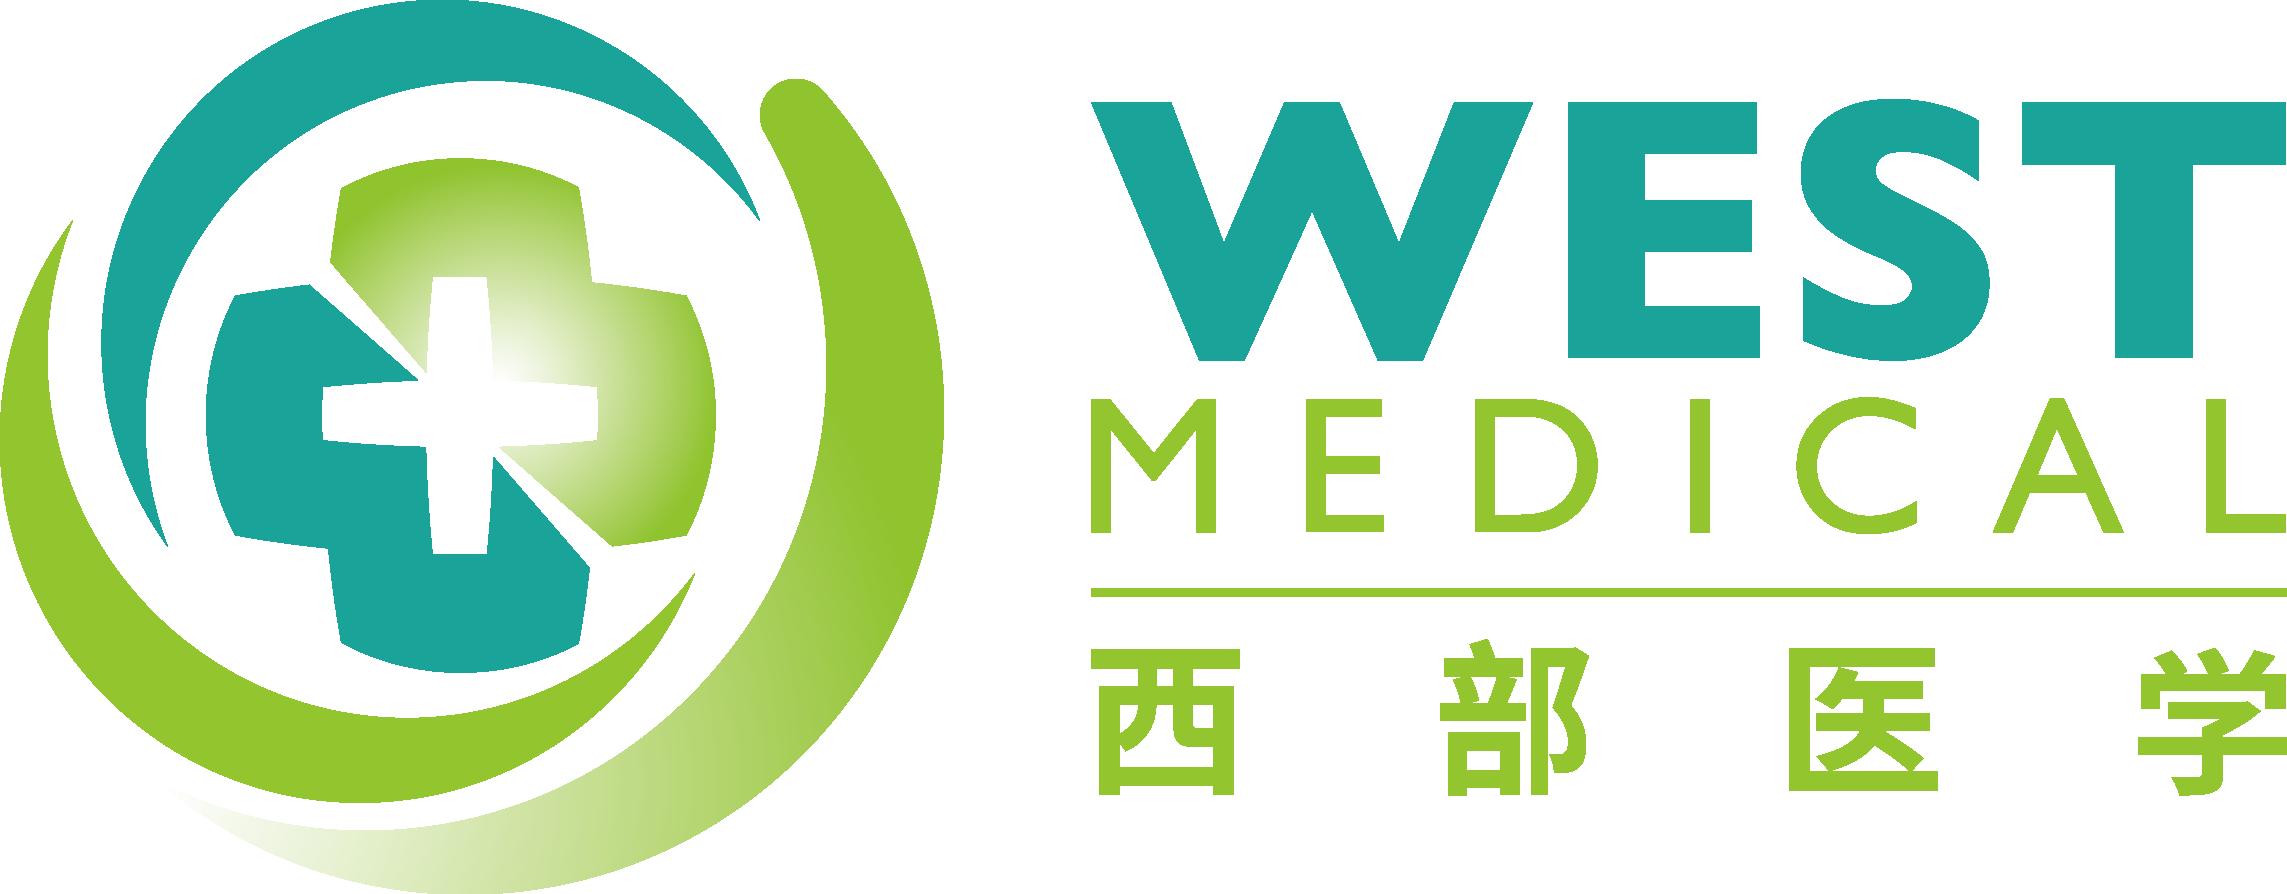 西部医学华大基因检测加盟